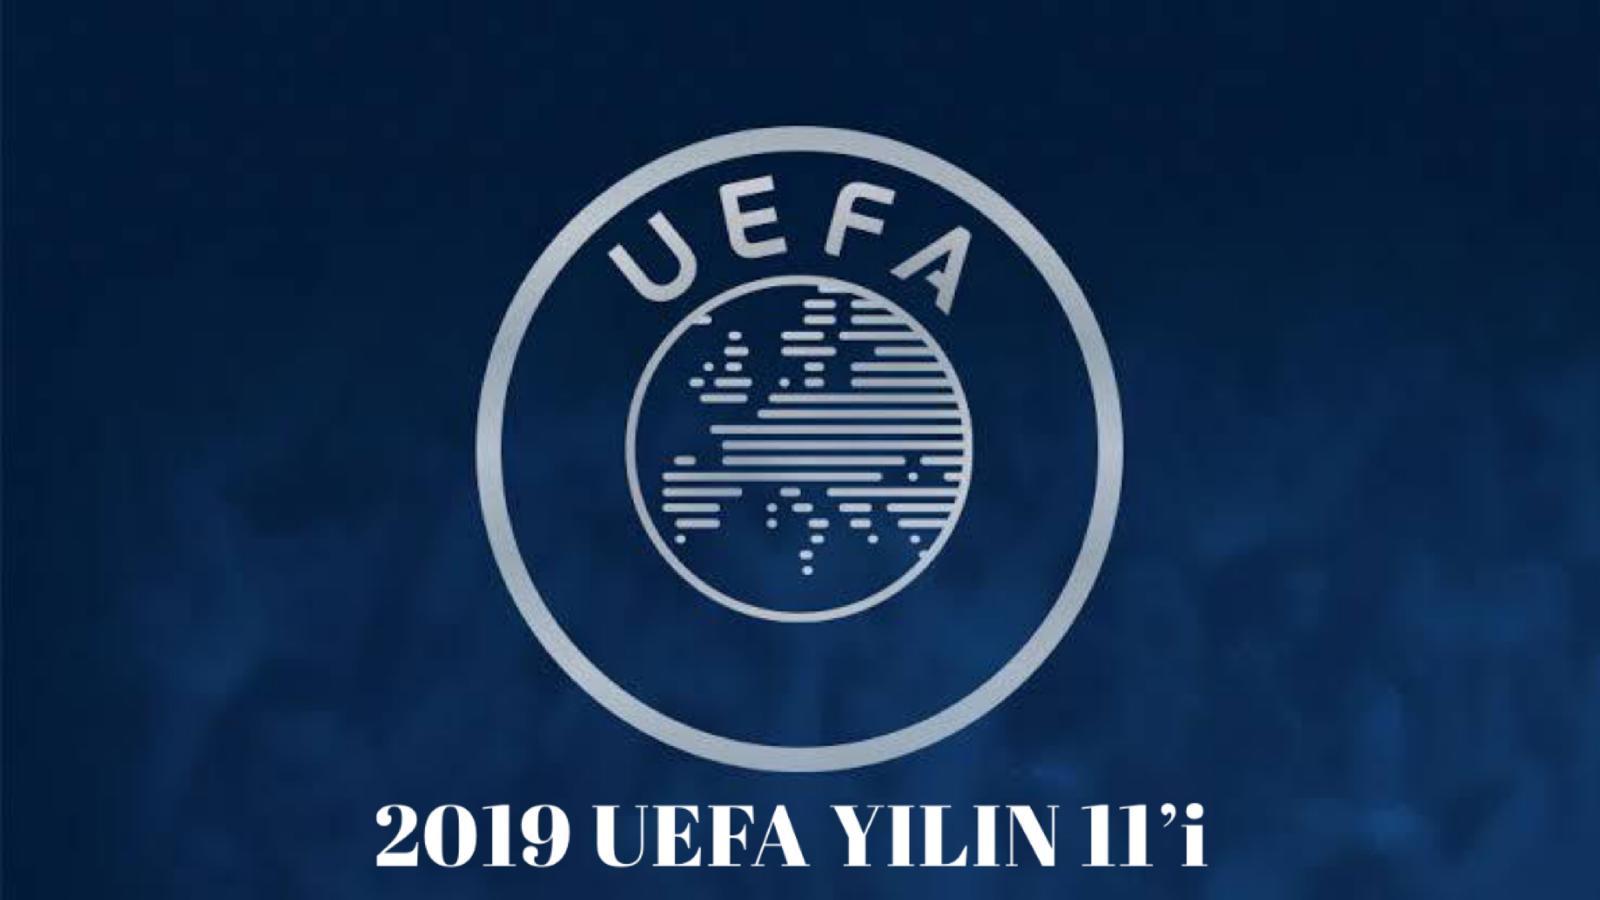 2019 UEFA YILIN 11'i